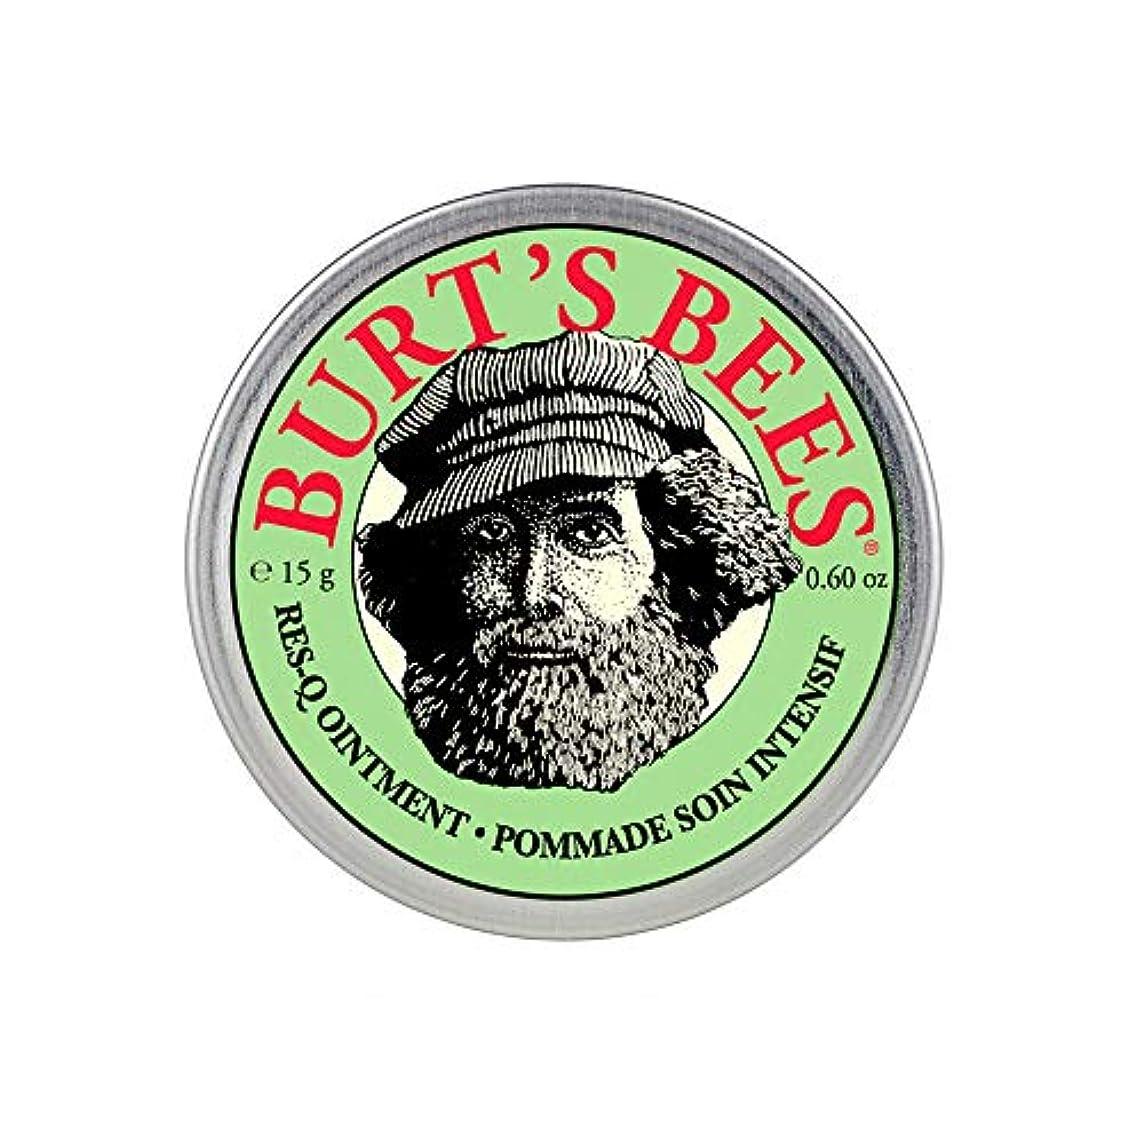 孤児謝罪受取人バーツビーズ(Burt's Bees) レスキュー オイントメント 15g [100%ナチュラル、軟膏] [海外直送][並行輸入品]